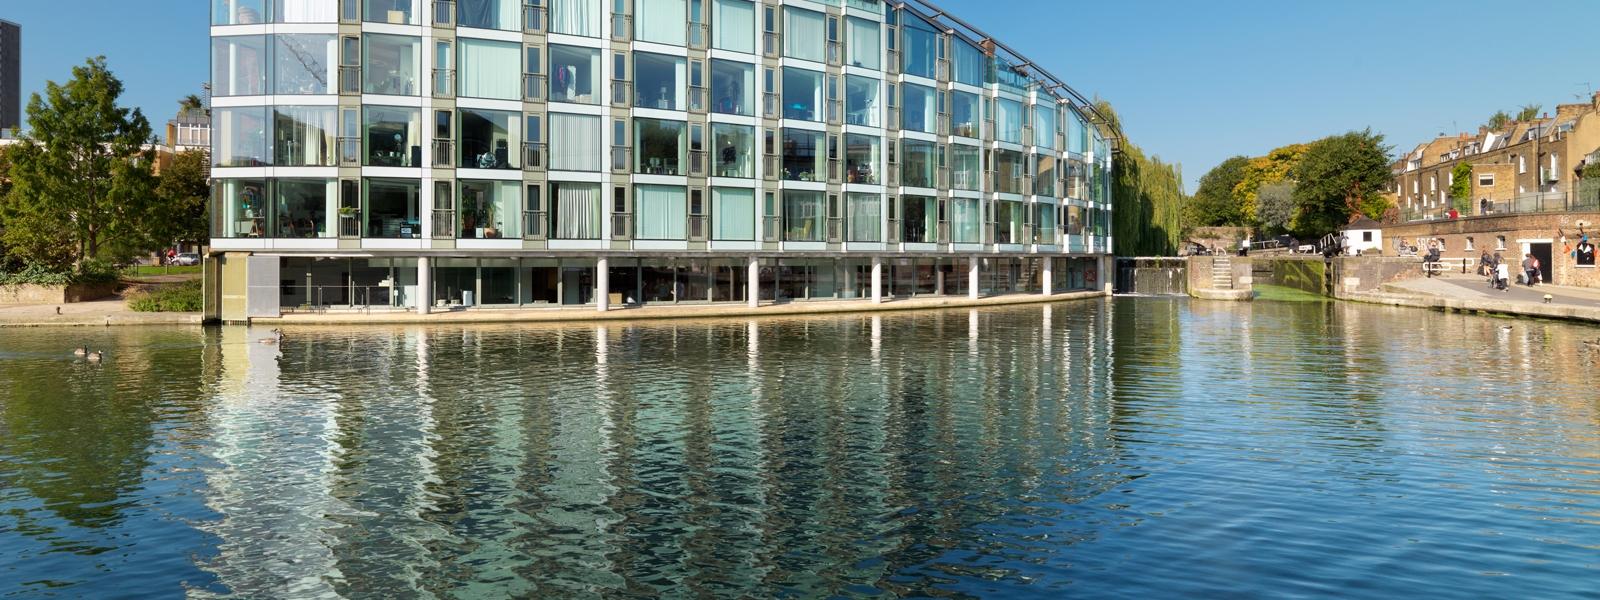 Crystal Wharf